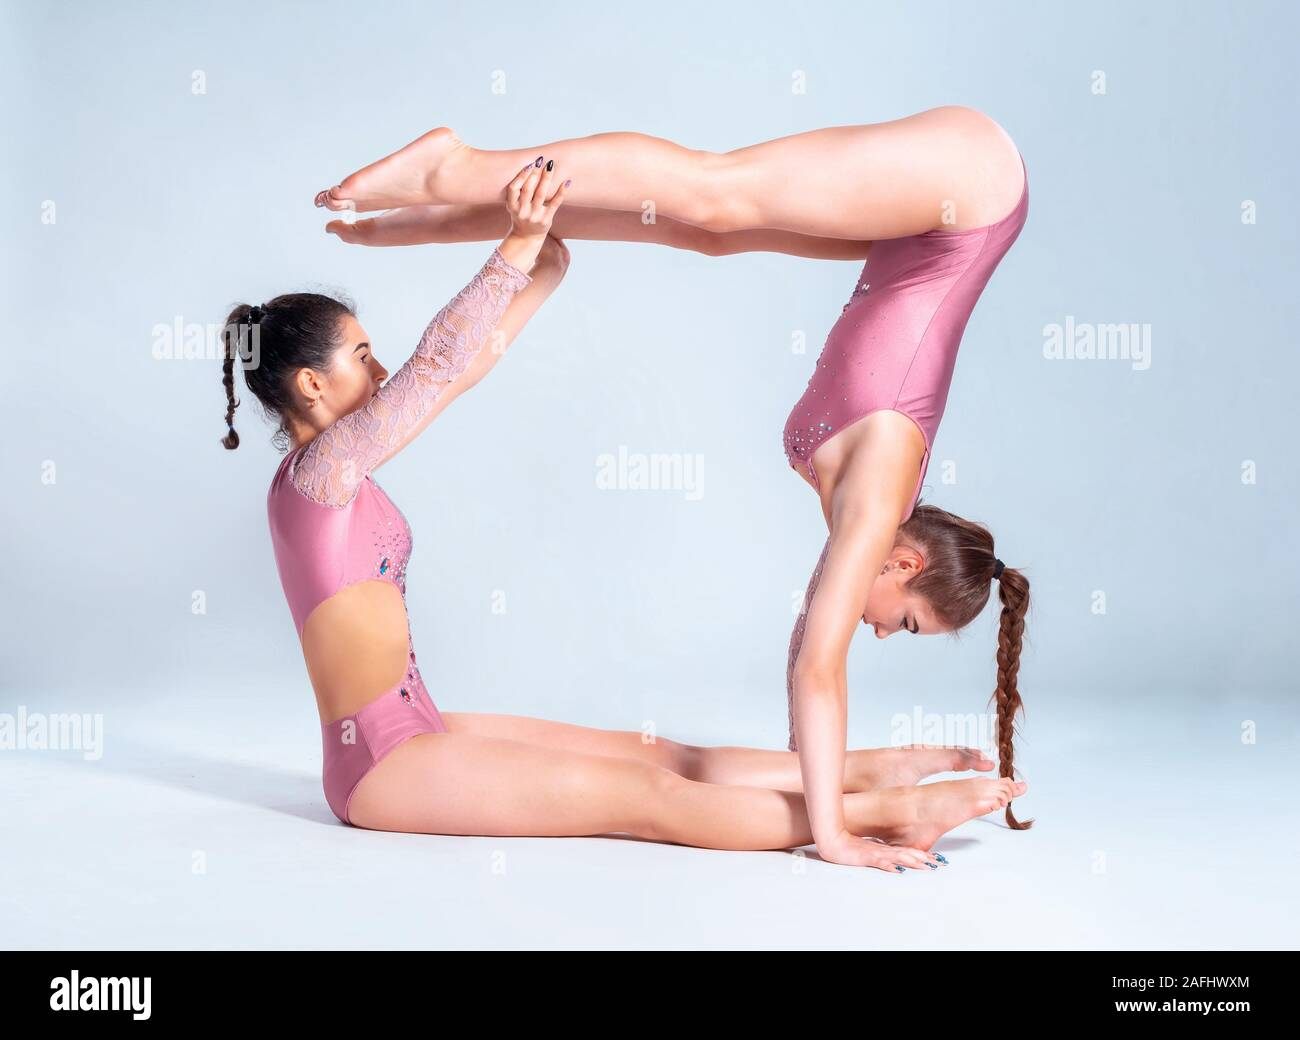 Deux gymnastes filles souples en rose justaucorps font des exercices avec l'appui et posant isolé sur fond blanc. Close-up. Banque D'Images